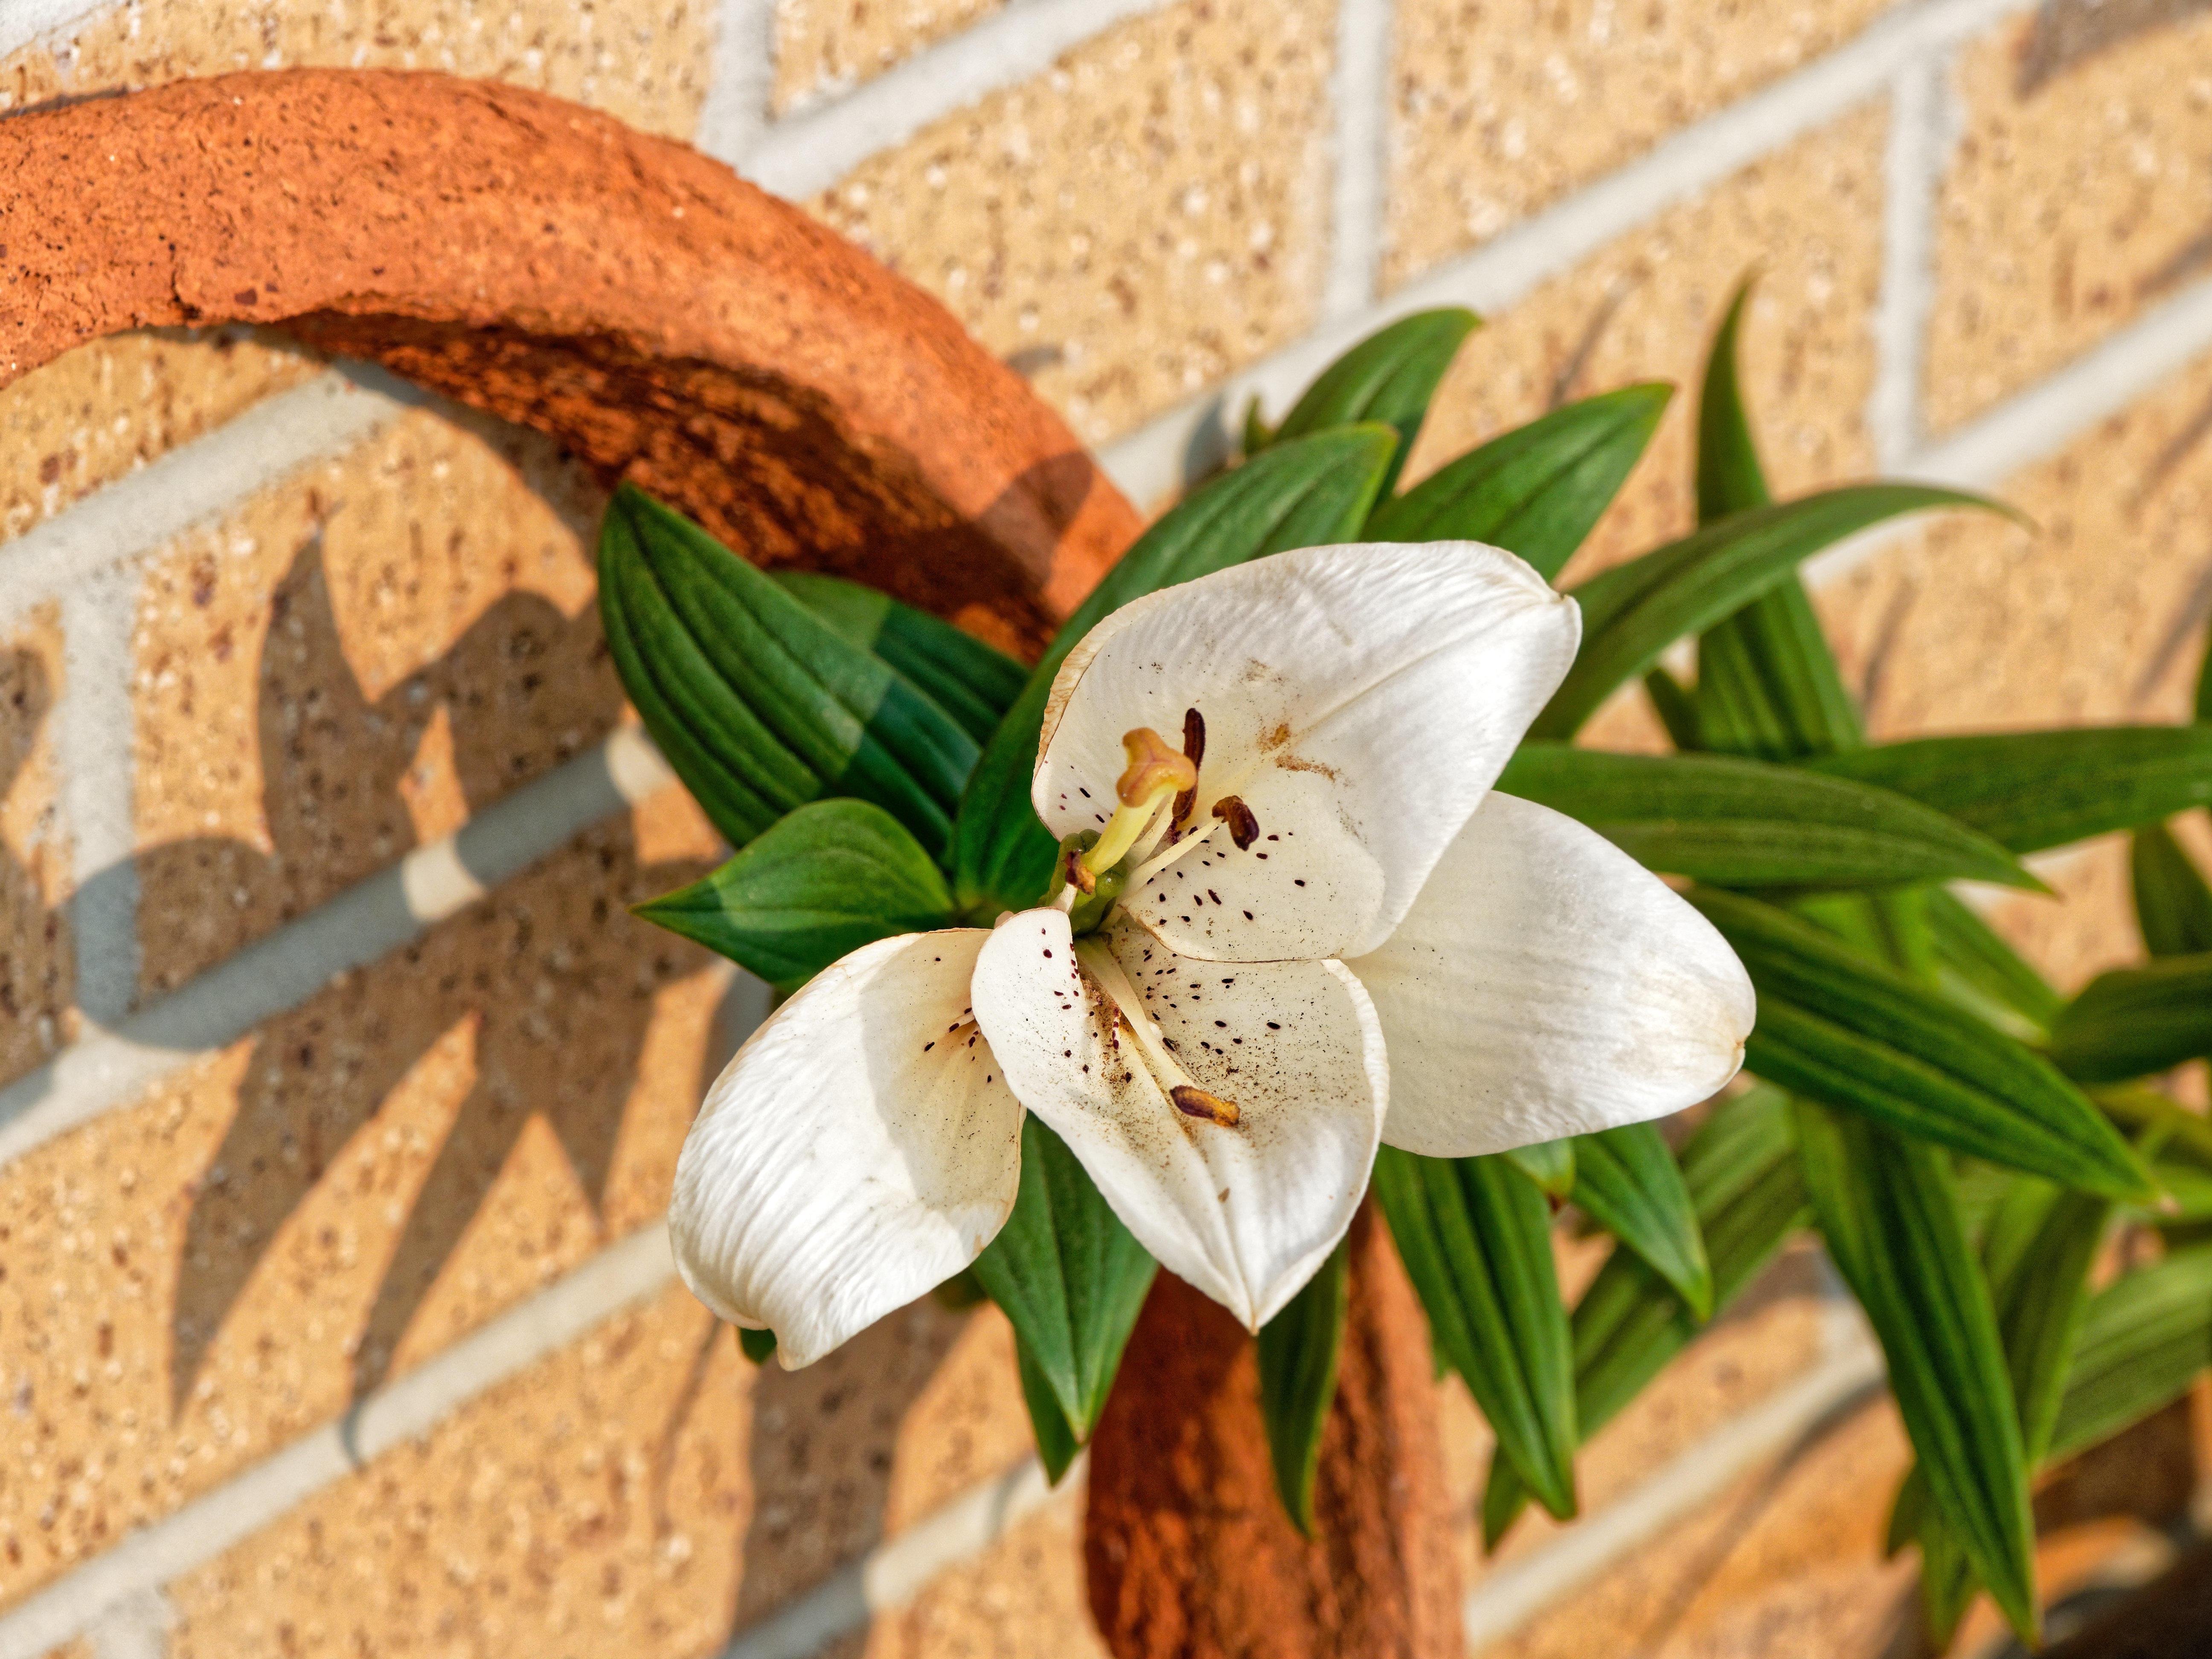 Lily-1.jpeg